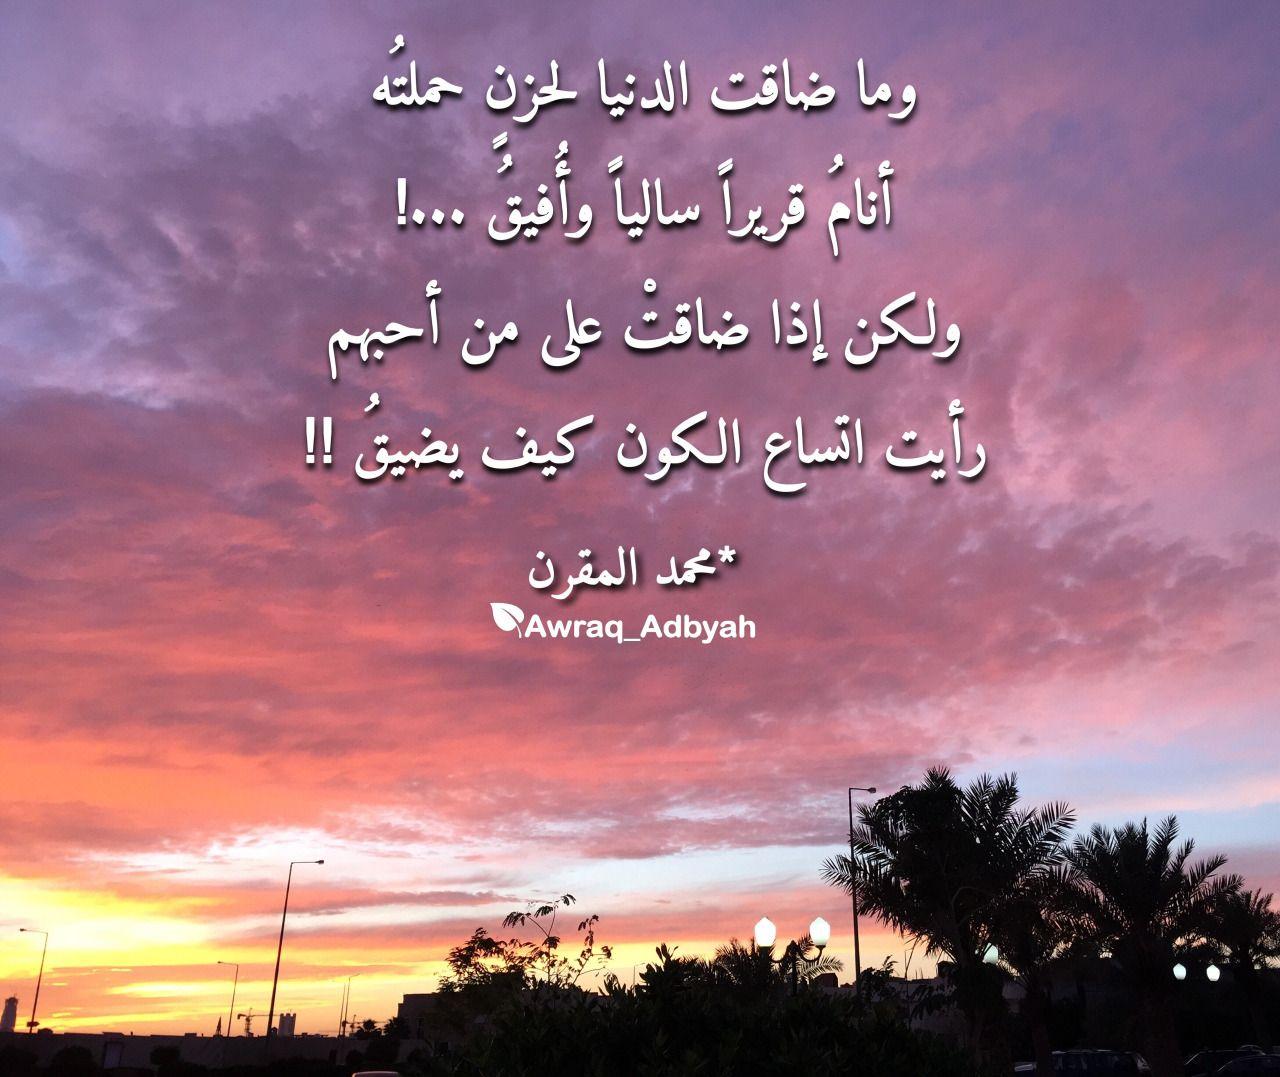 أوراق أدبية شعر أدب و اقتباسات Words My Love Quotes